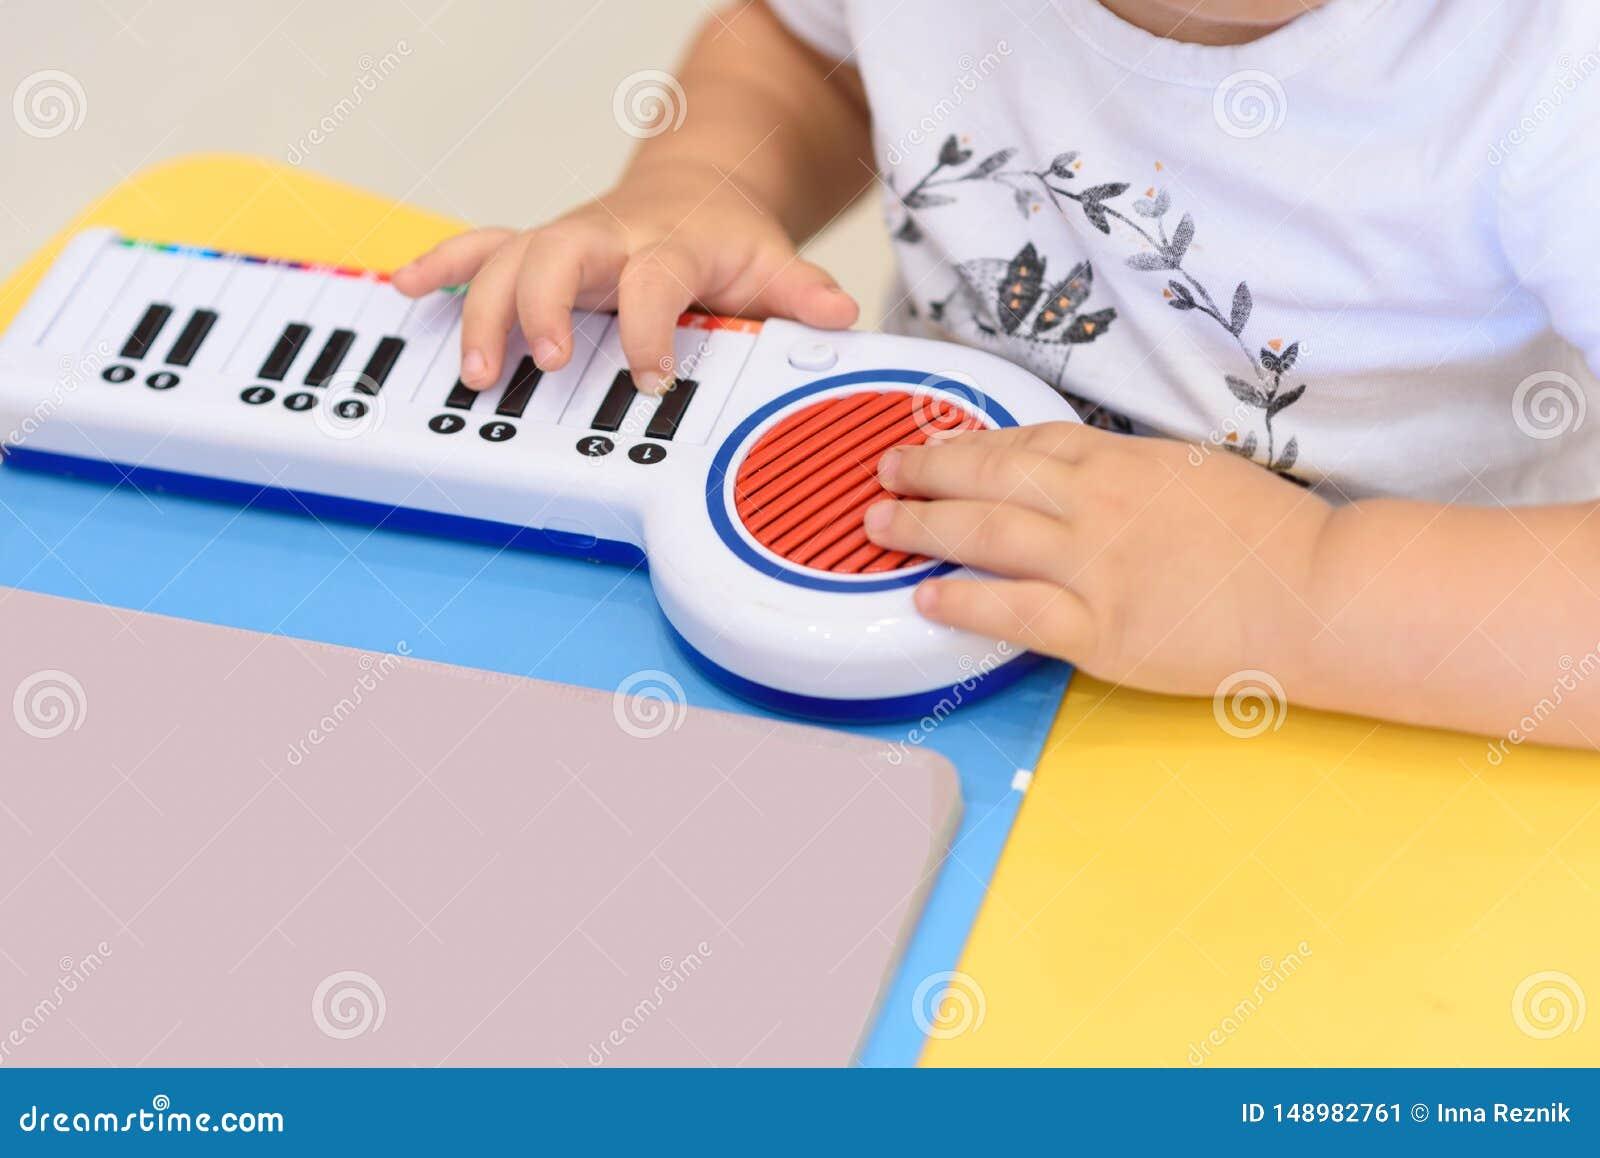 Zamyka w g?r? ma?ych r?k sztuk na zabawkarskim pianinie